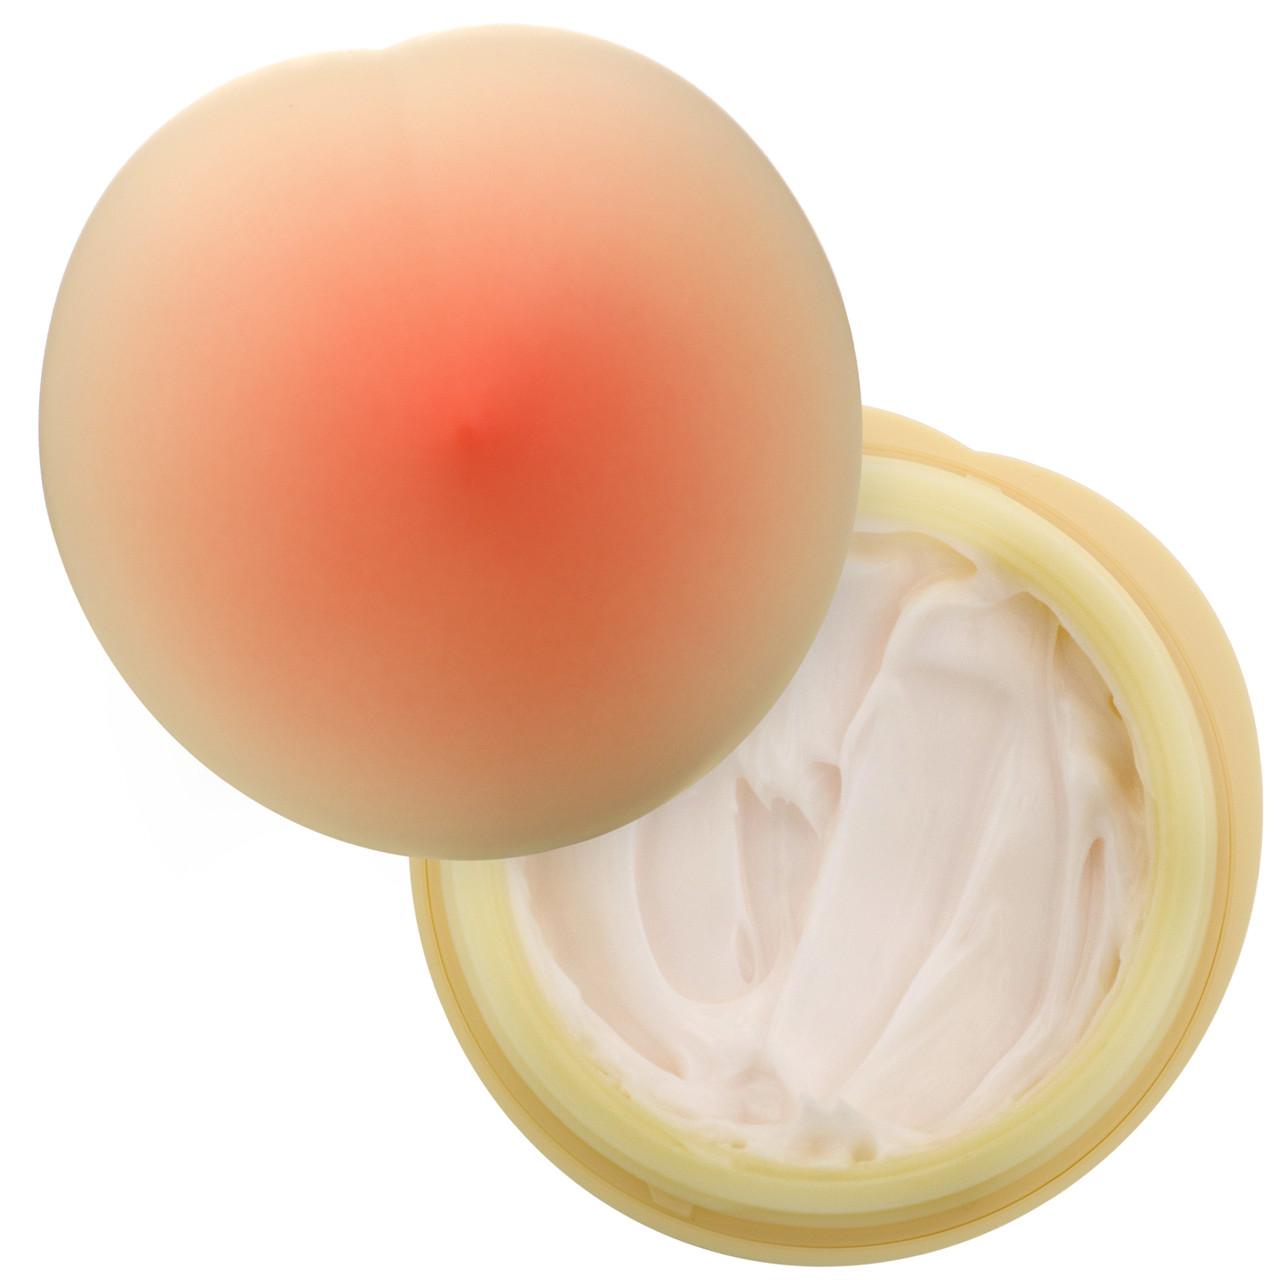 Крем для рук c экстрактом персика Tony Moly Peach Hand Cream 30 мл (8806358576332)